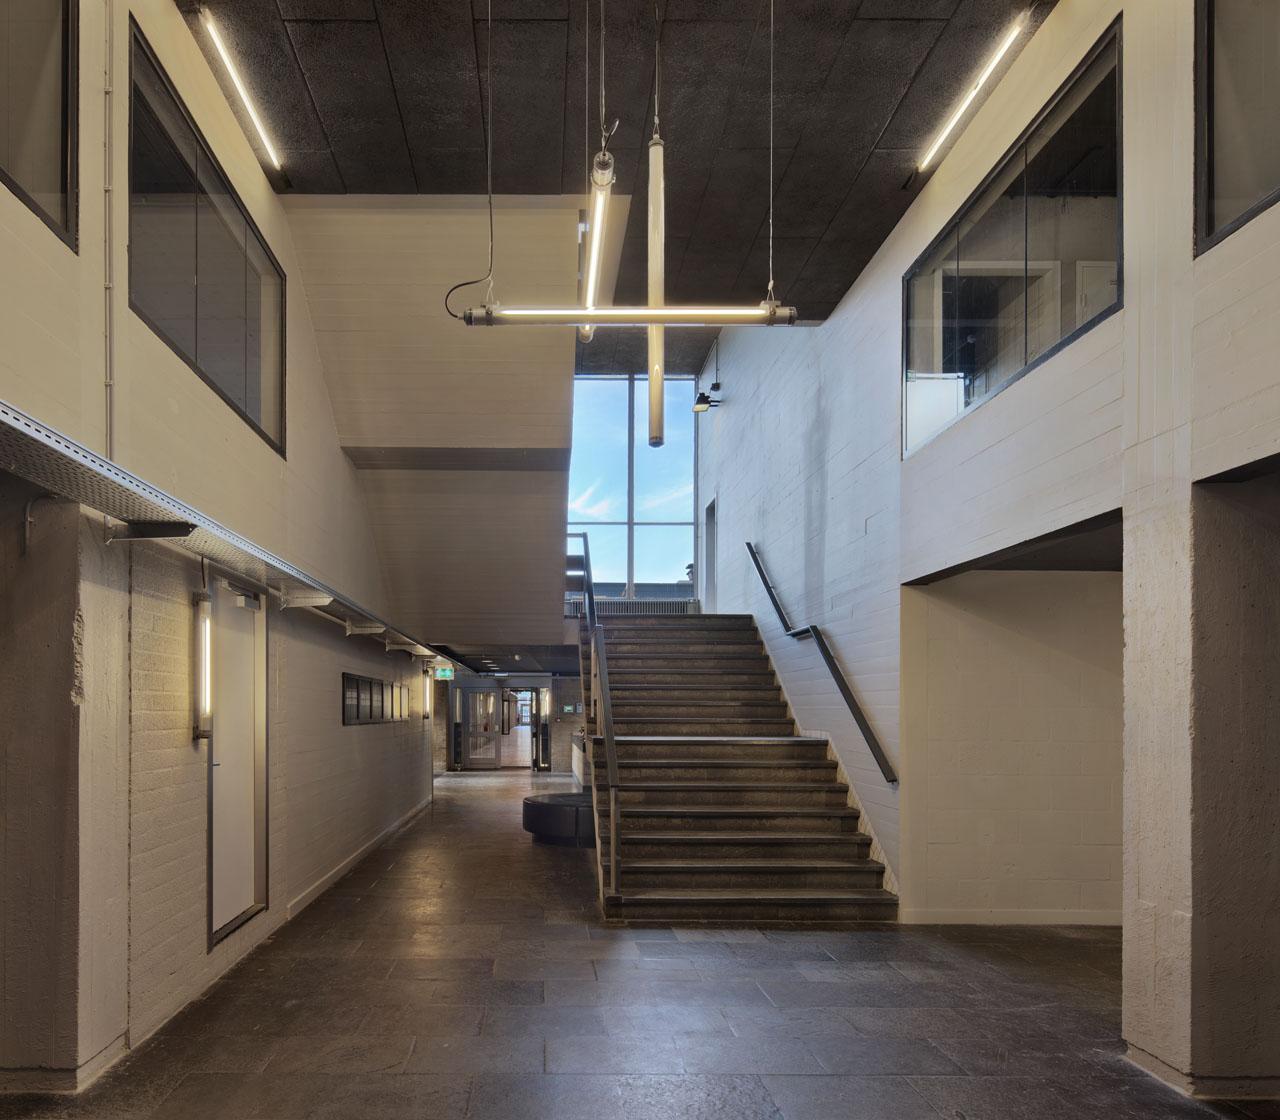 Hal en trappenhuis in bedrijfsverzamelgebouw Pionier Utrecht. Industrieel, beton met plankenstructuur.